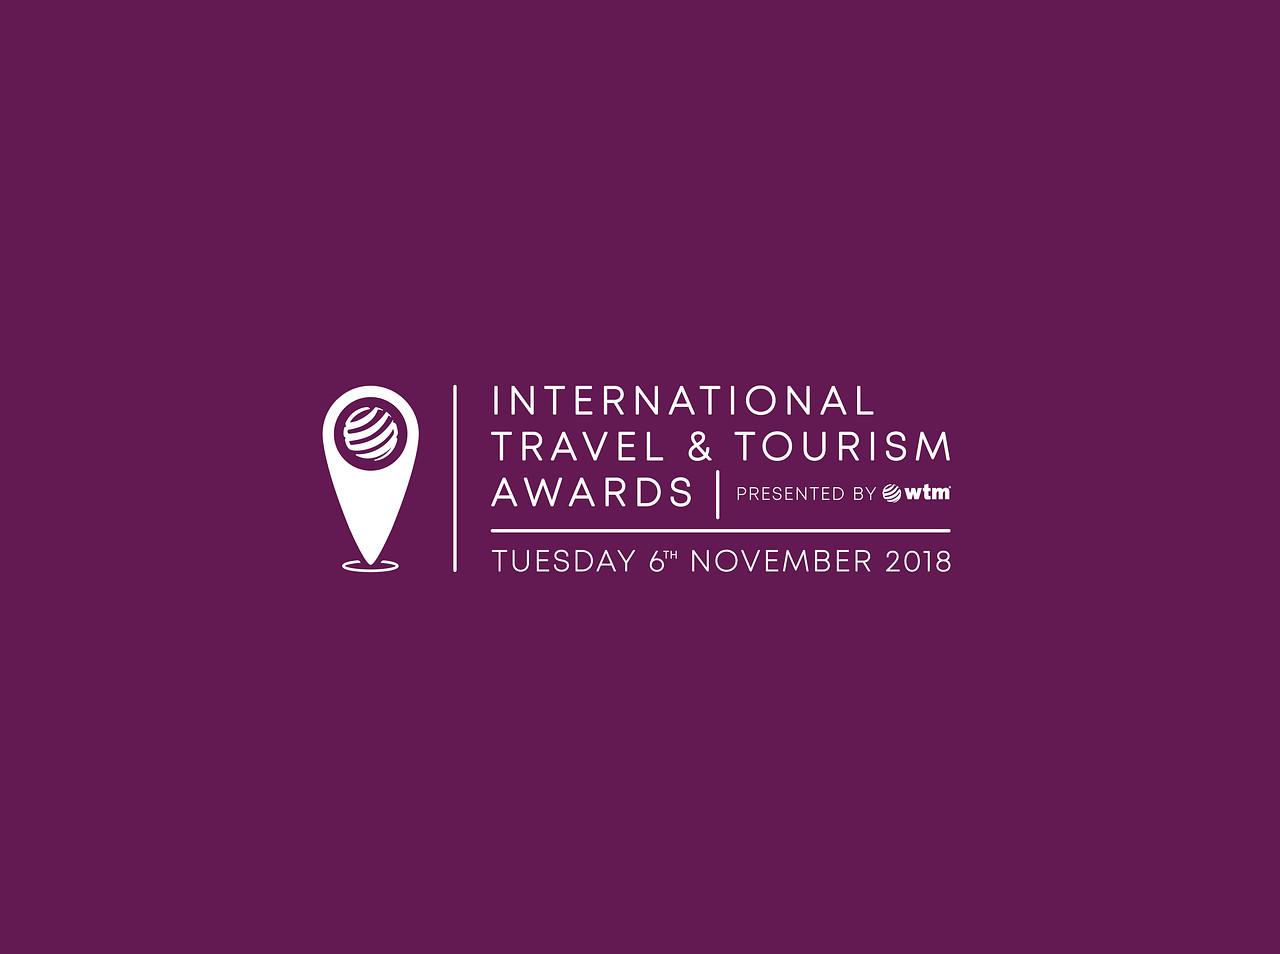 Empresas e Órgãos turísticos Latino Americanos estão entre os finalistas do International Travel & Tourism Awards 2018